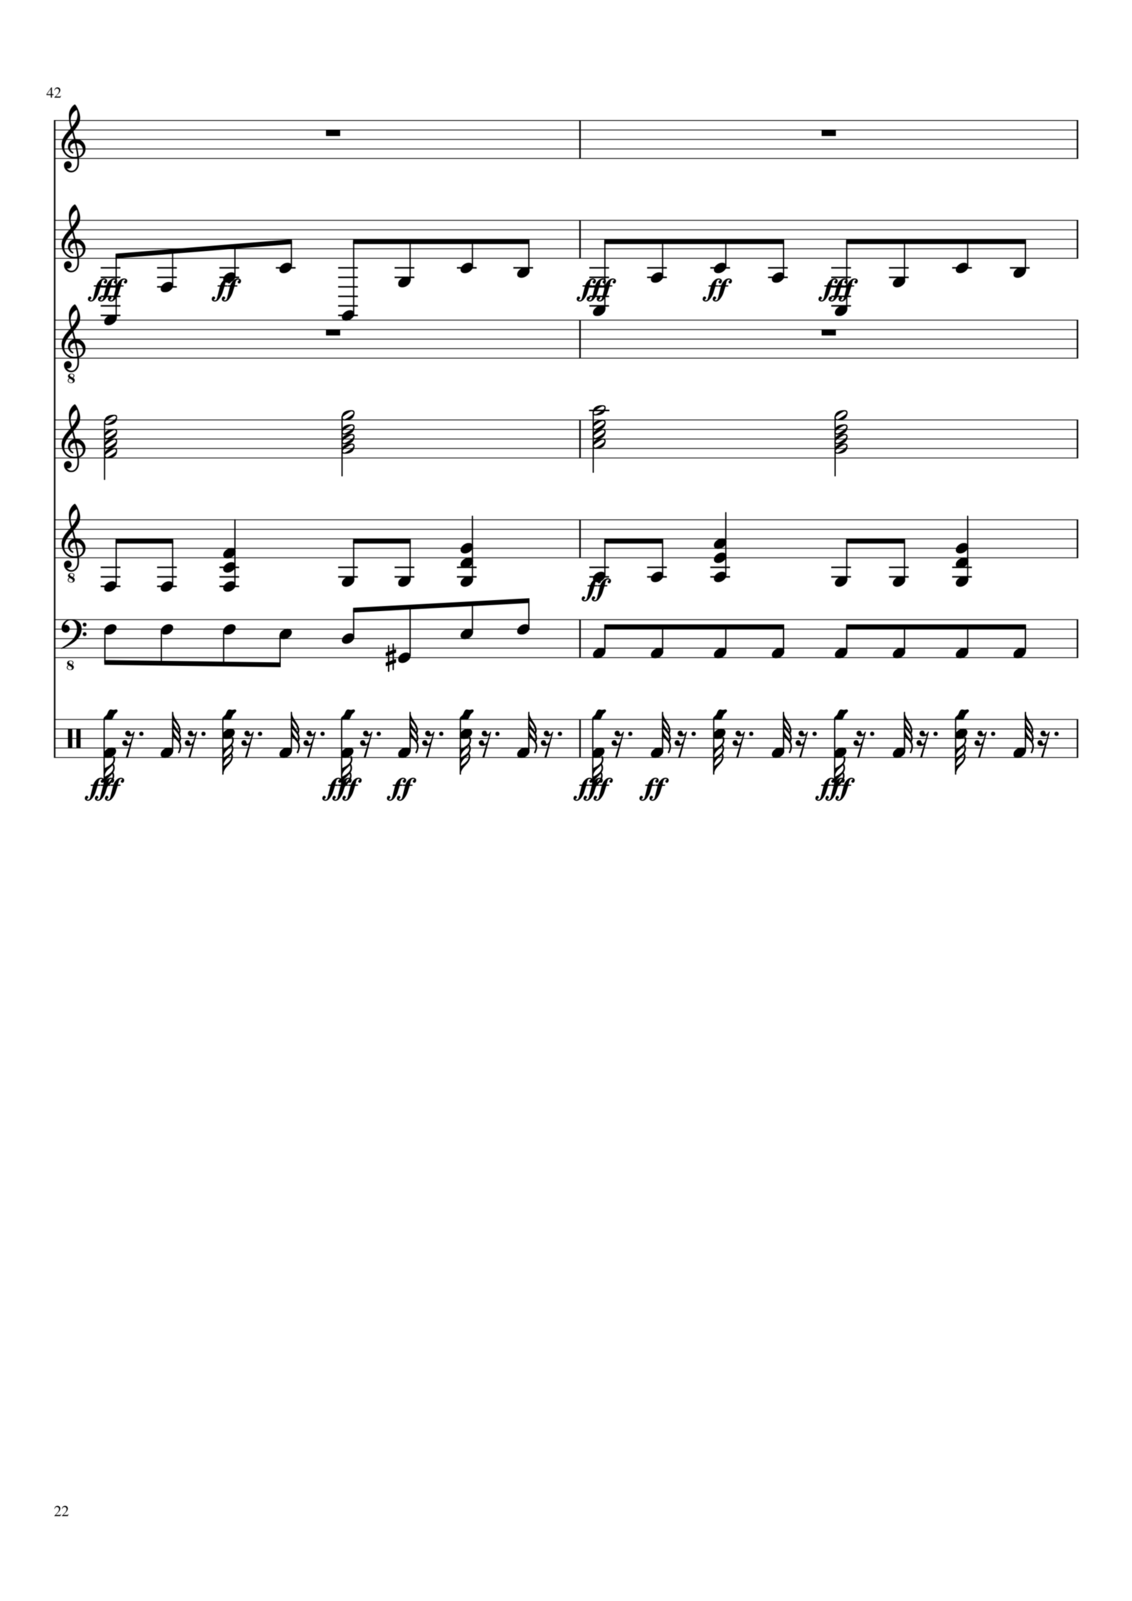 Proschanie s volshebnoy stranoy slide, Image 22